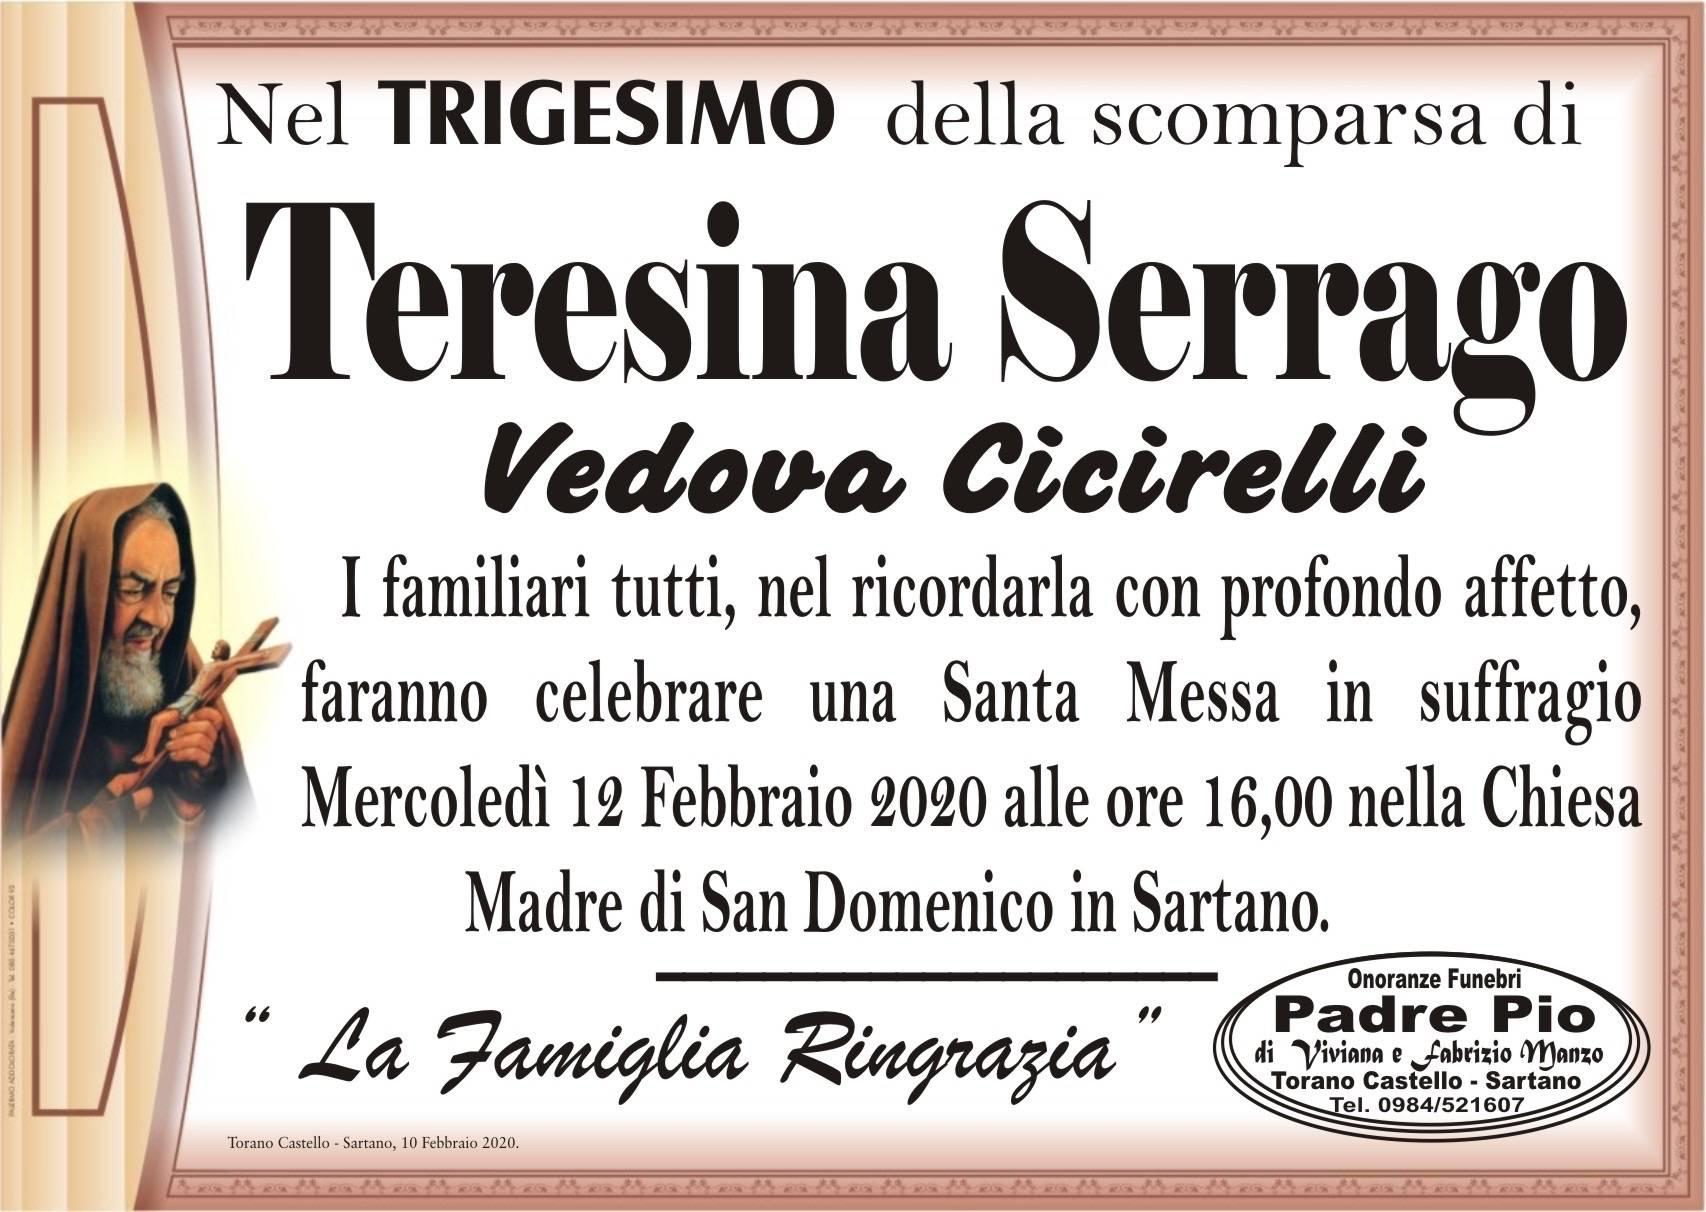 Teresina Serrago